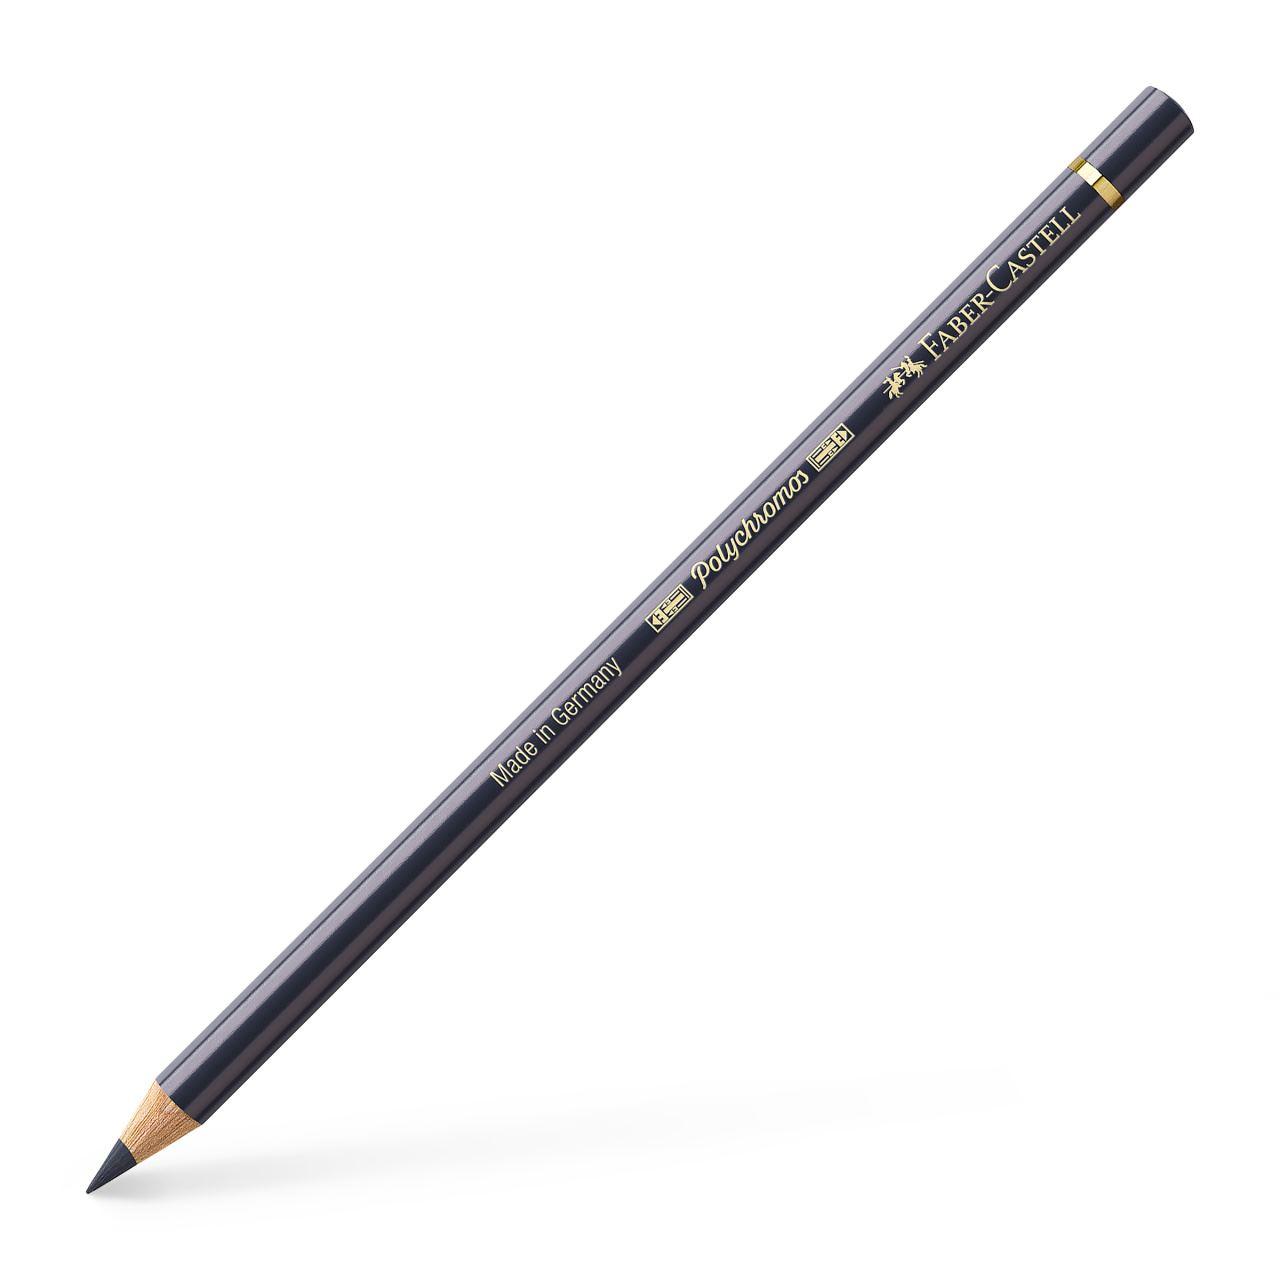 25 Mixte Crayons de couleur Par Grafix Coloré long crayon Pack